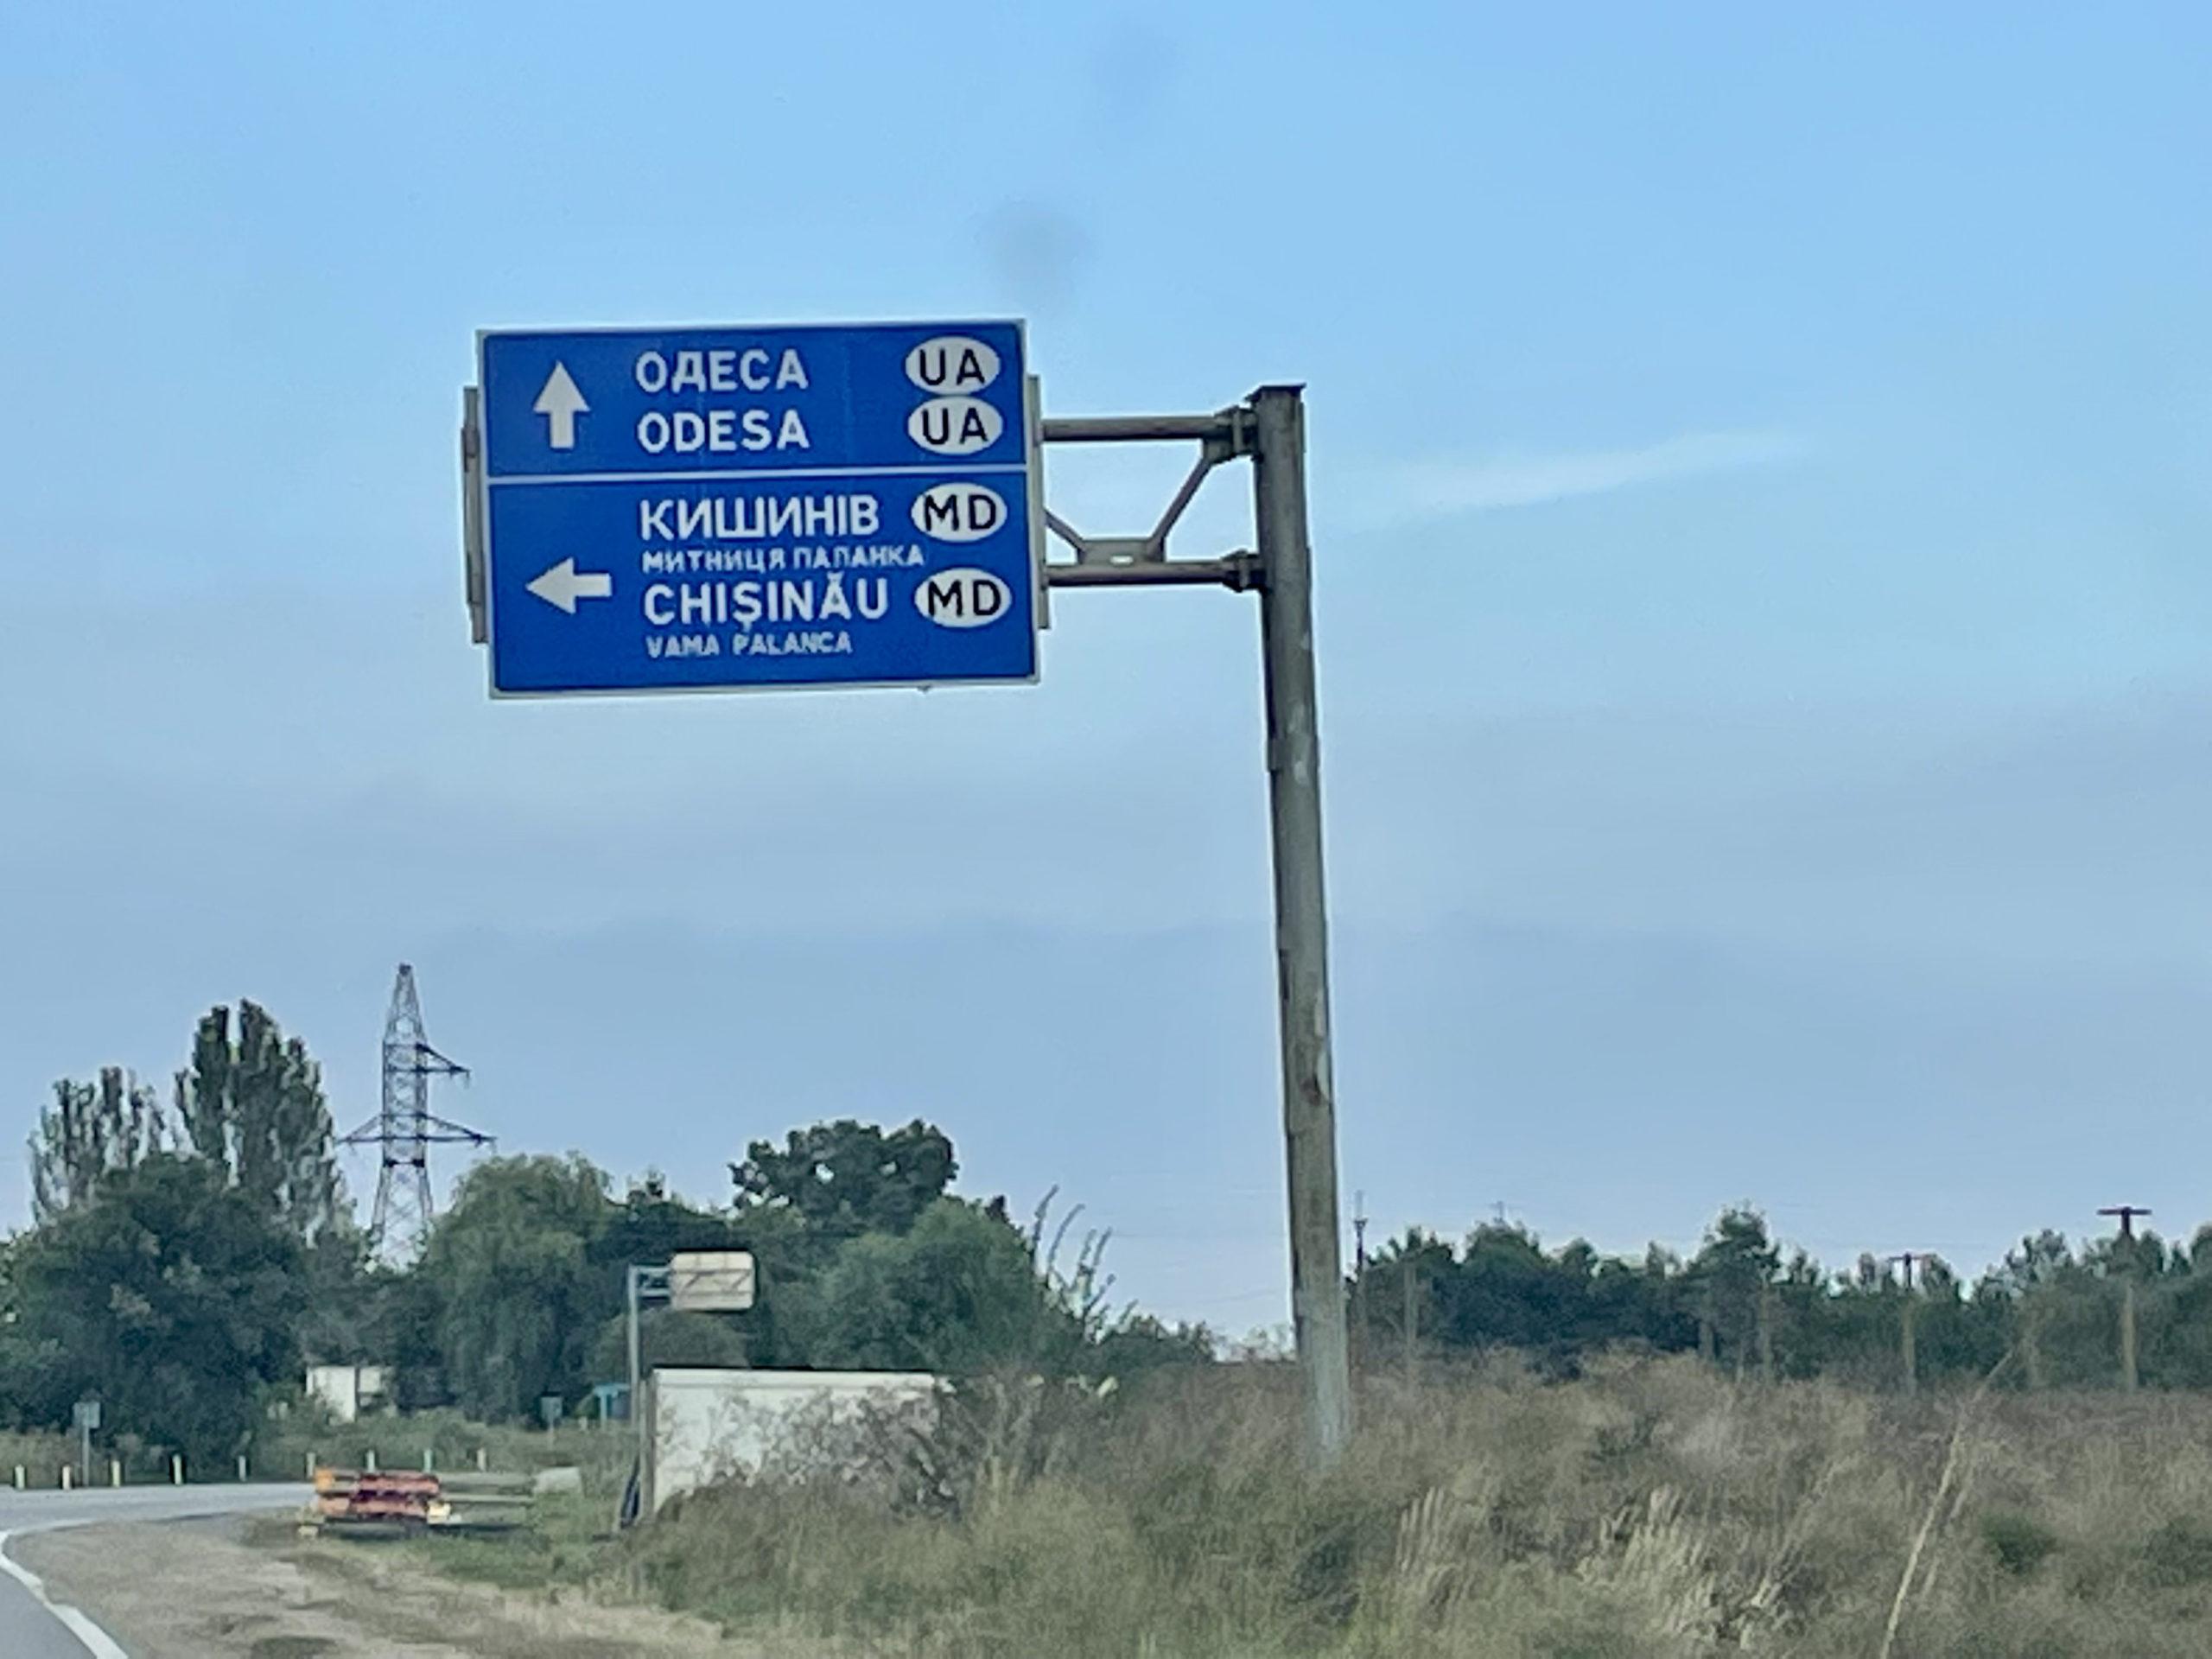 Około 40 km za Odessą wjeżdżamy na eksterytorialną drogę prowadzącą przez terytorium Mołdawii